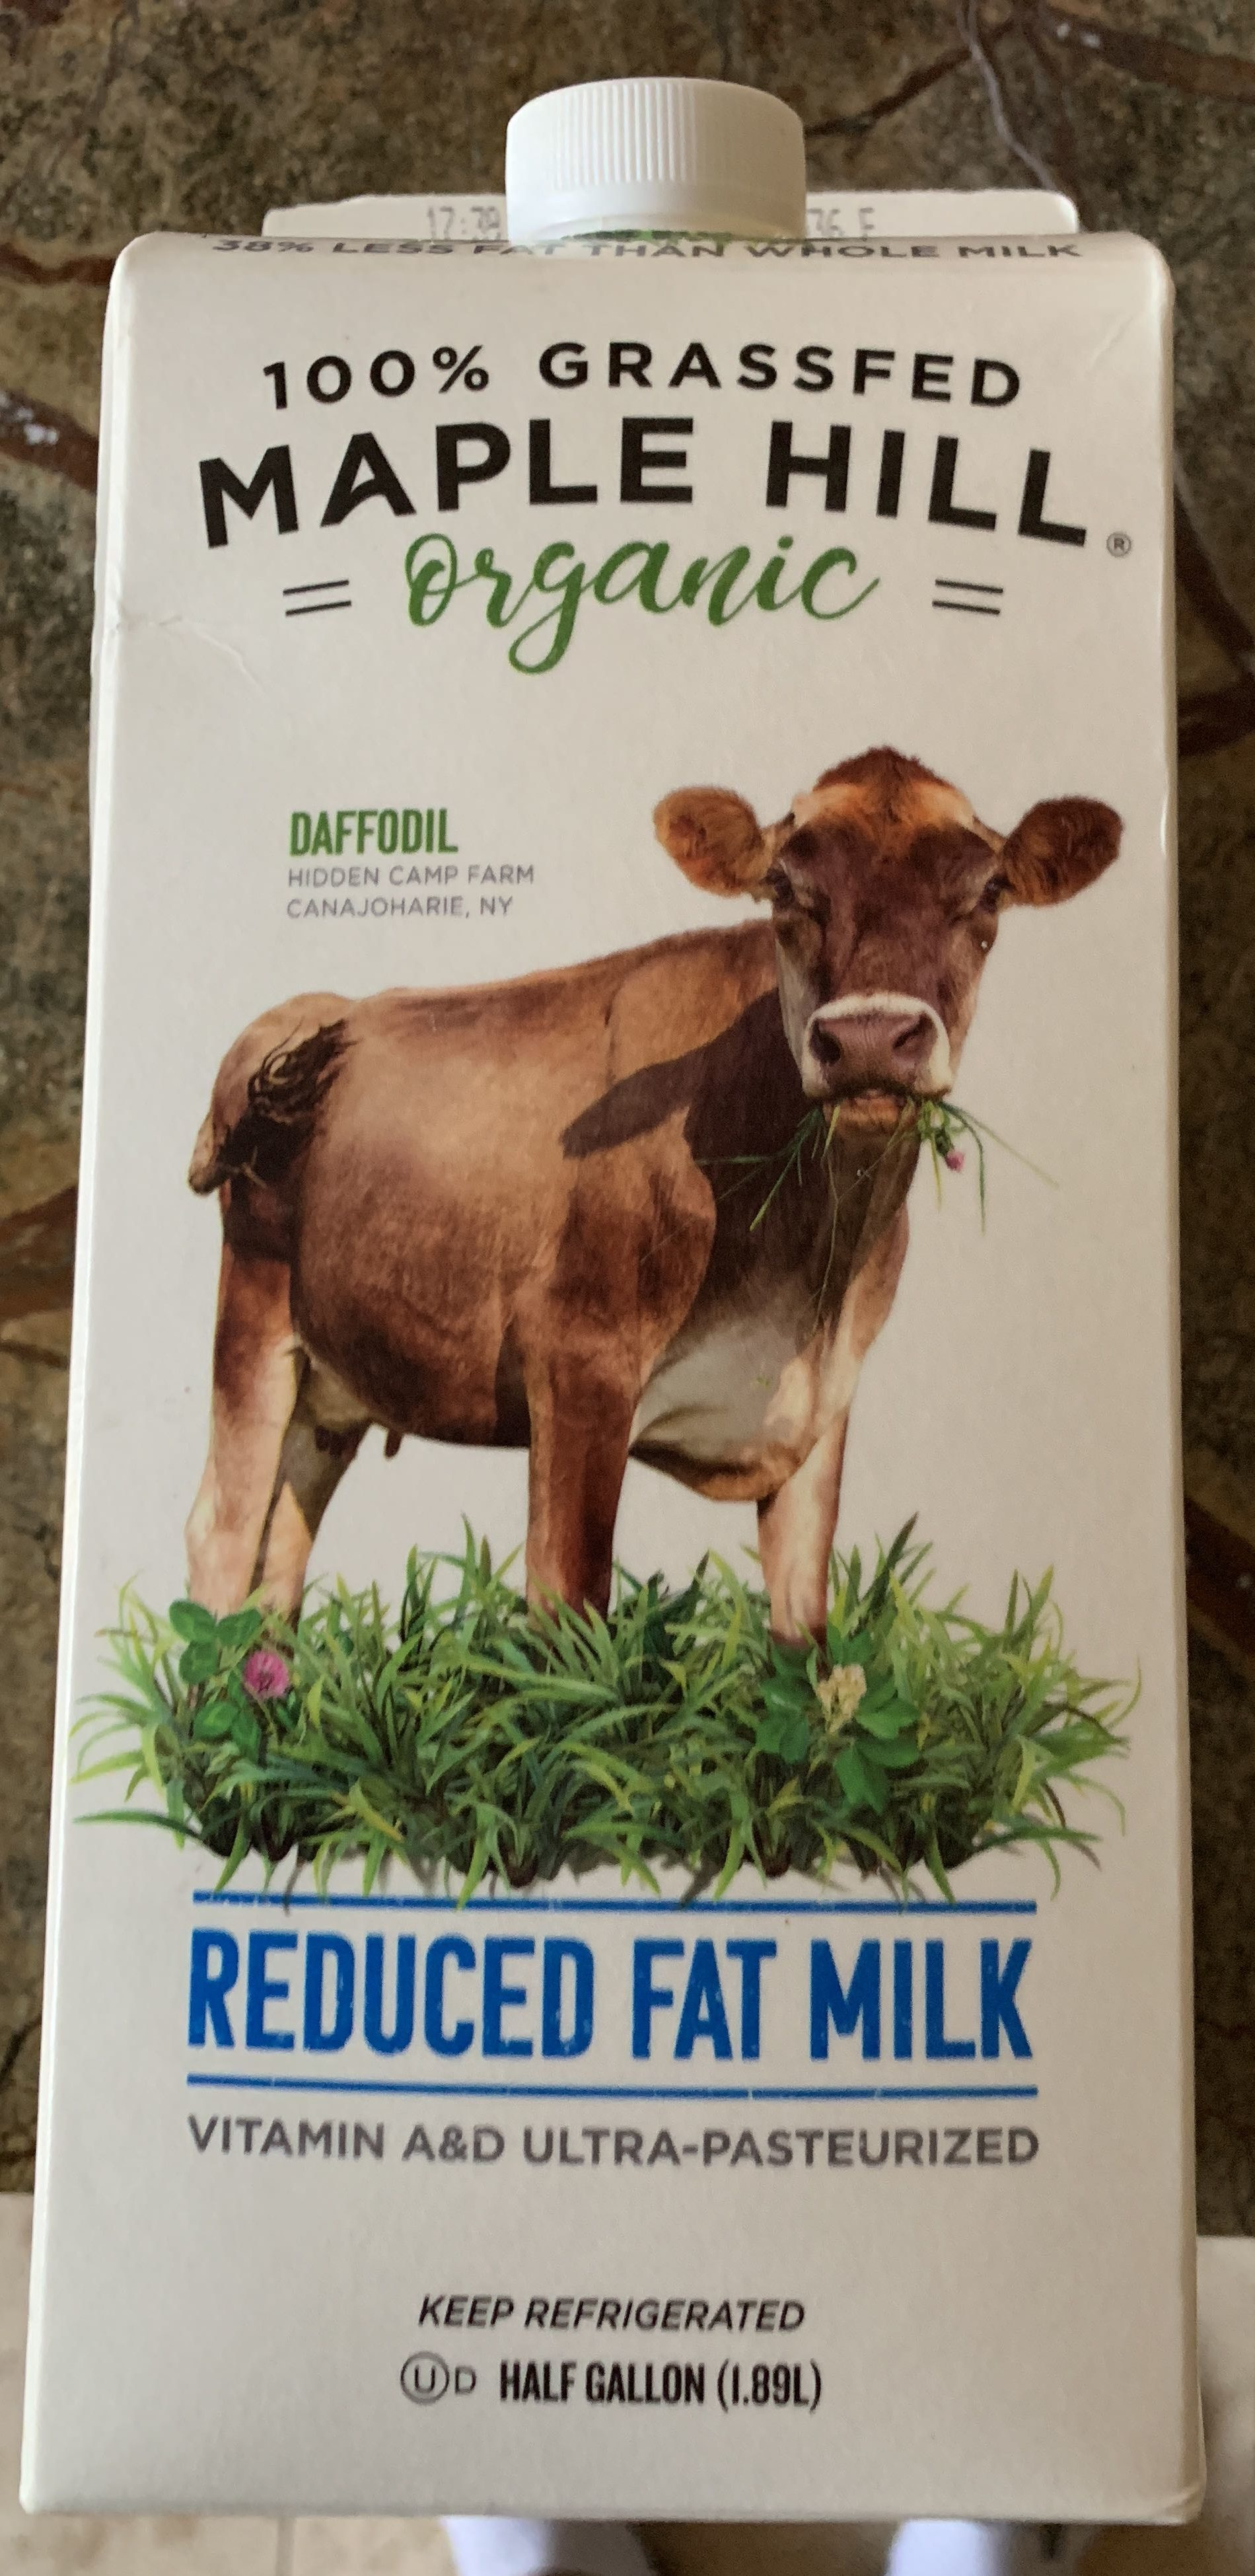 Daffodil 100% grassfed reduced fat milk, daffodil - Product - en